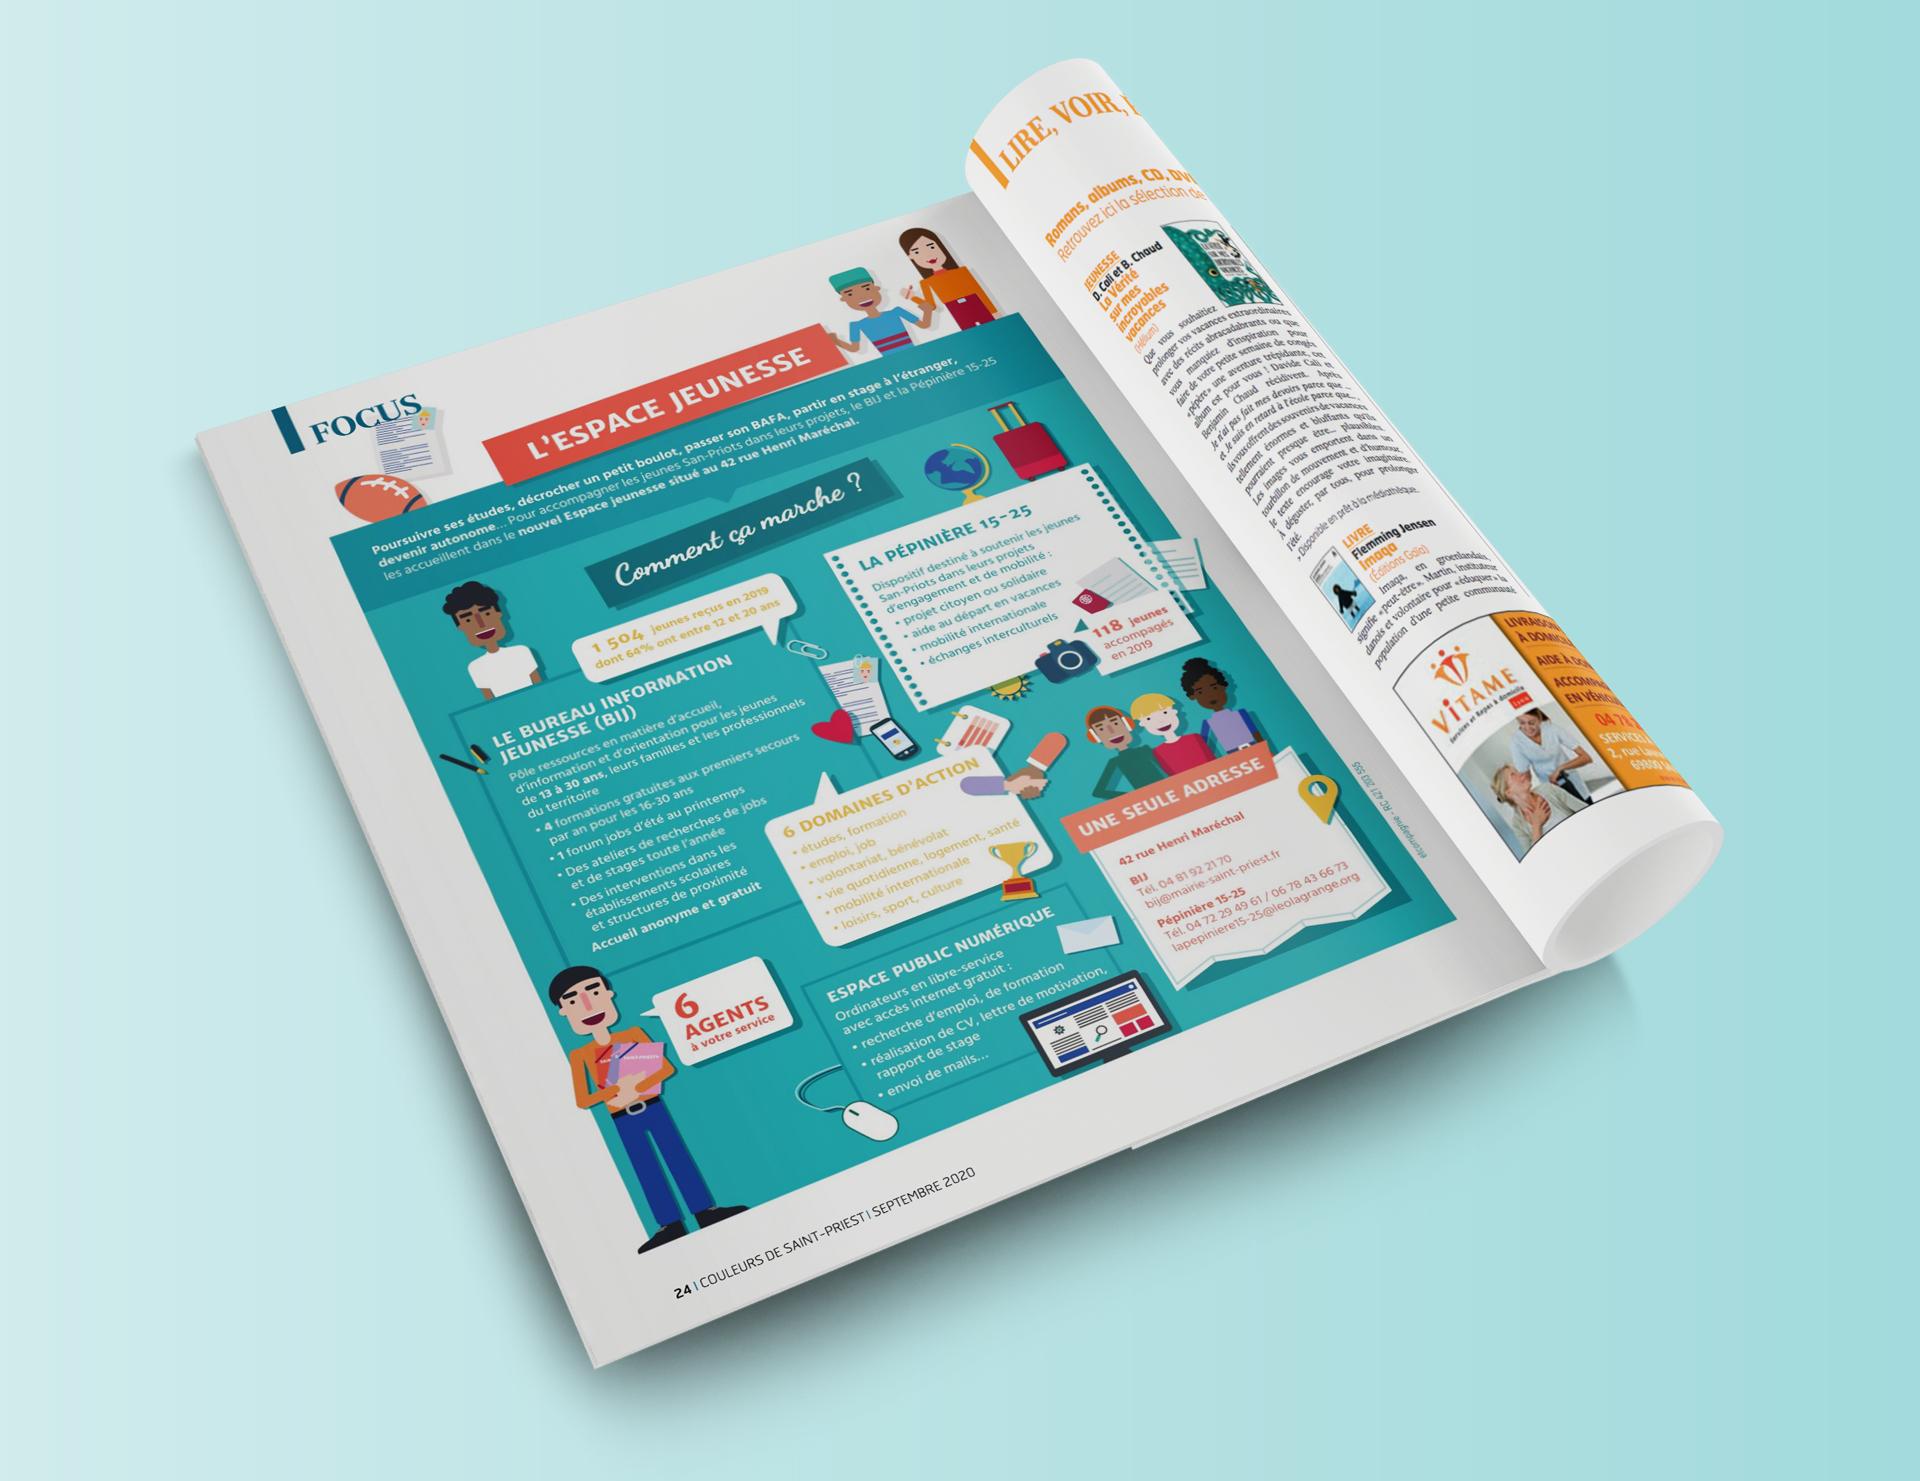 Infographie pédagogique sur l'Espace Jeunesse